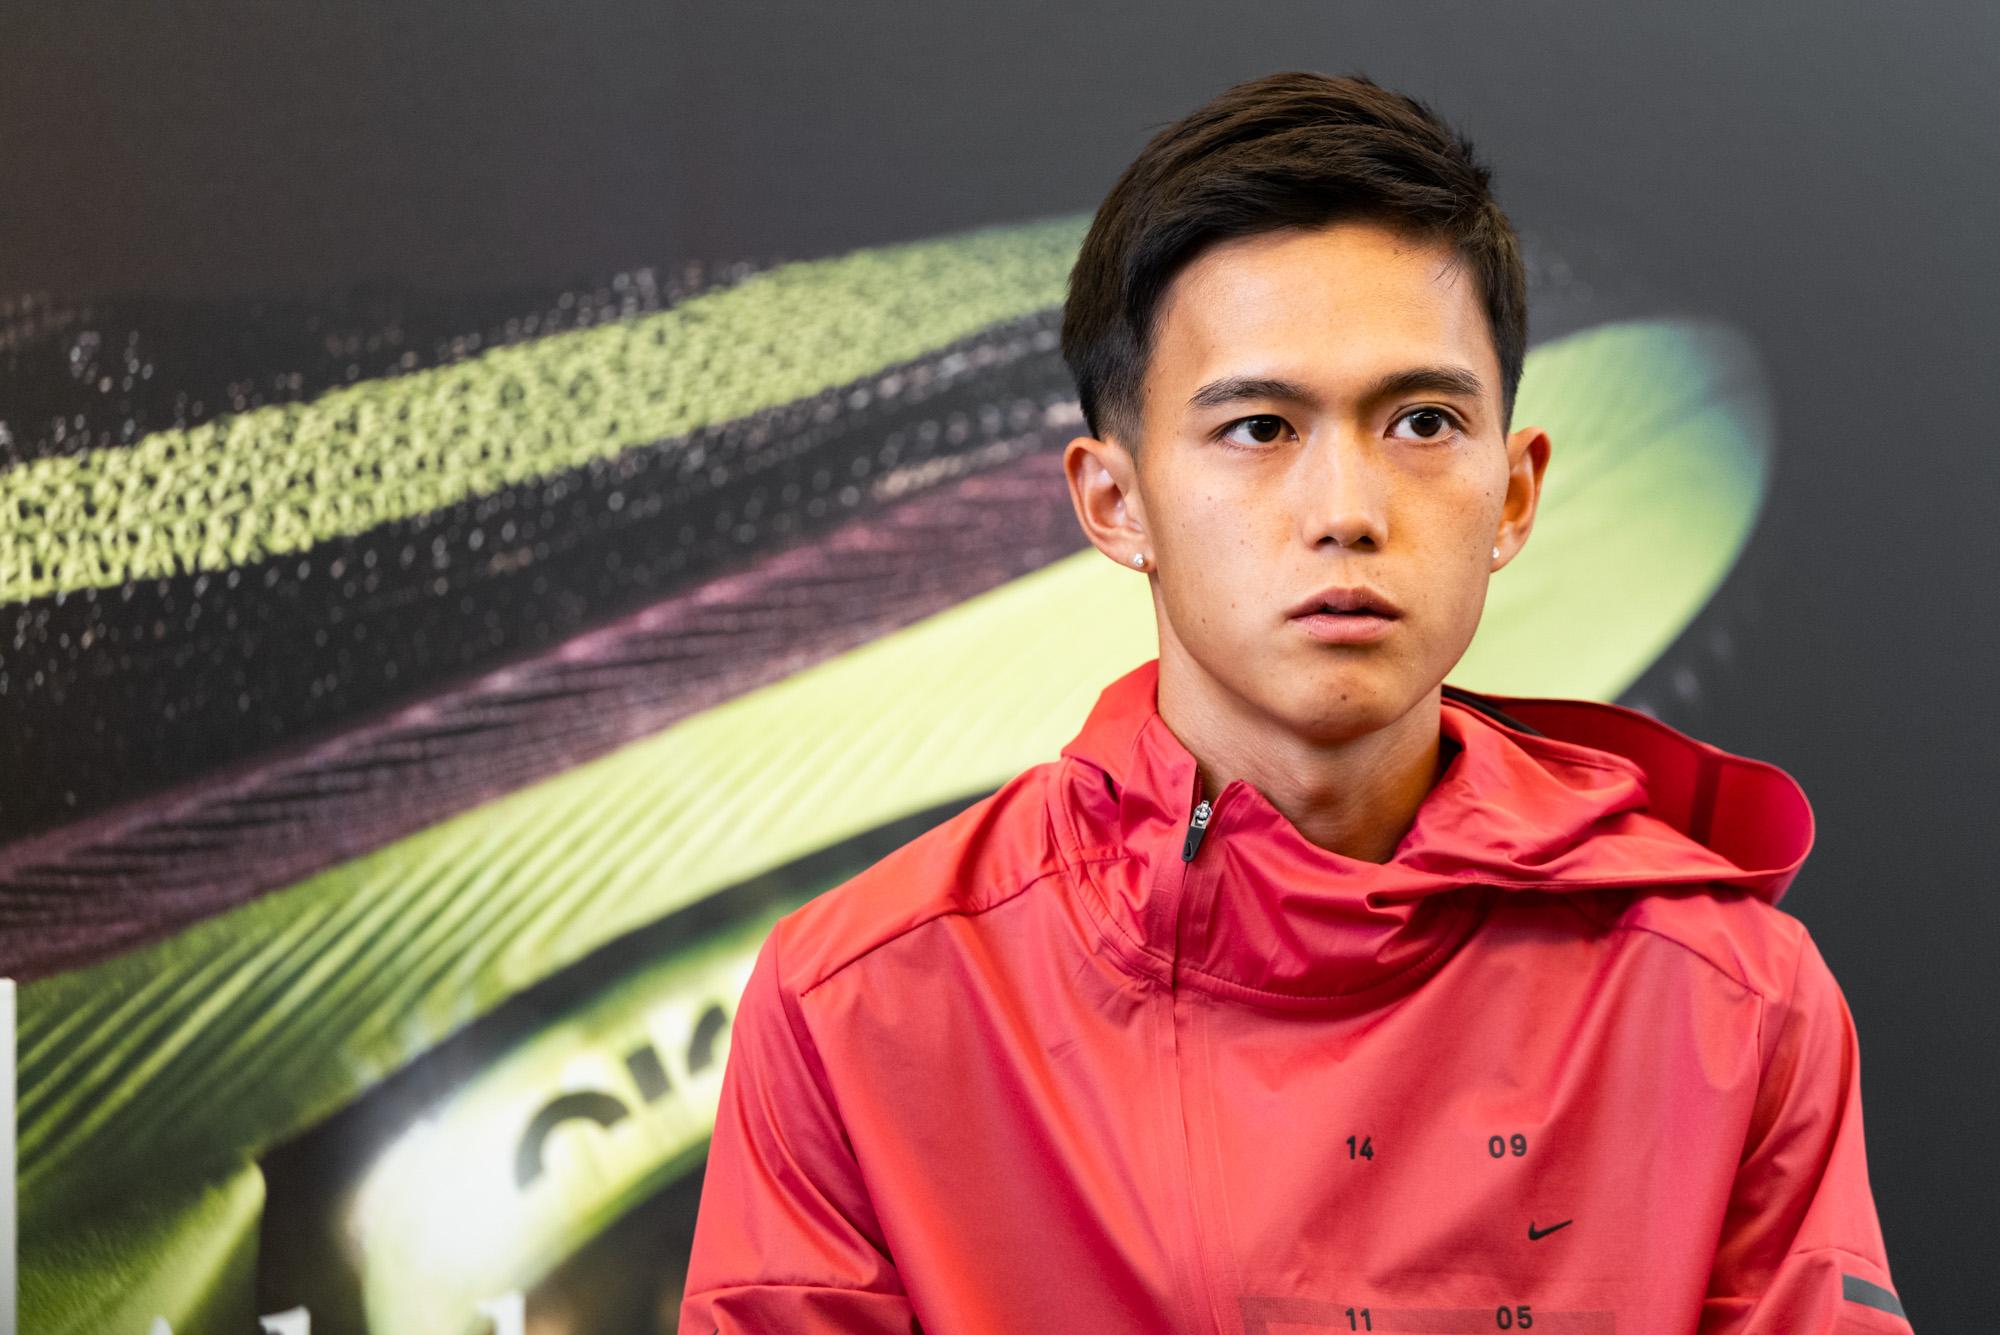 大迫傑選手の東京マラソン2020回顧 新しいマラソン大会の構想も語る